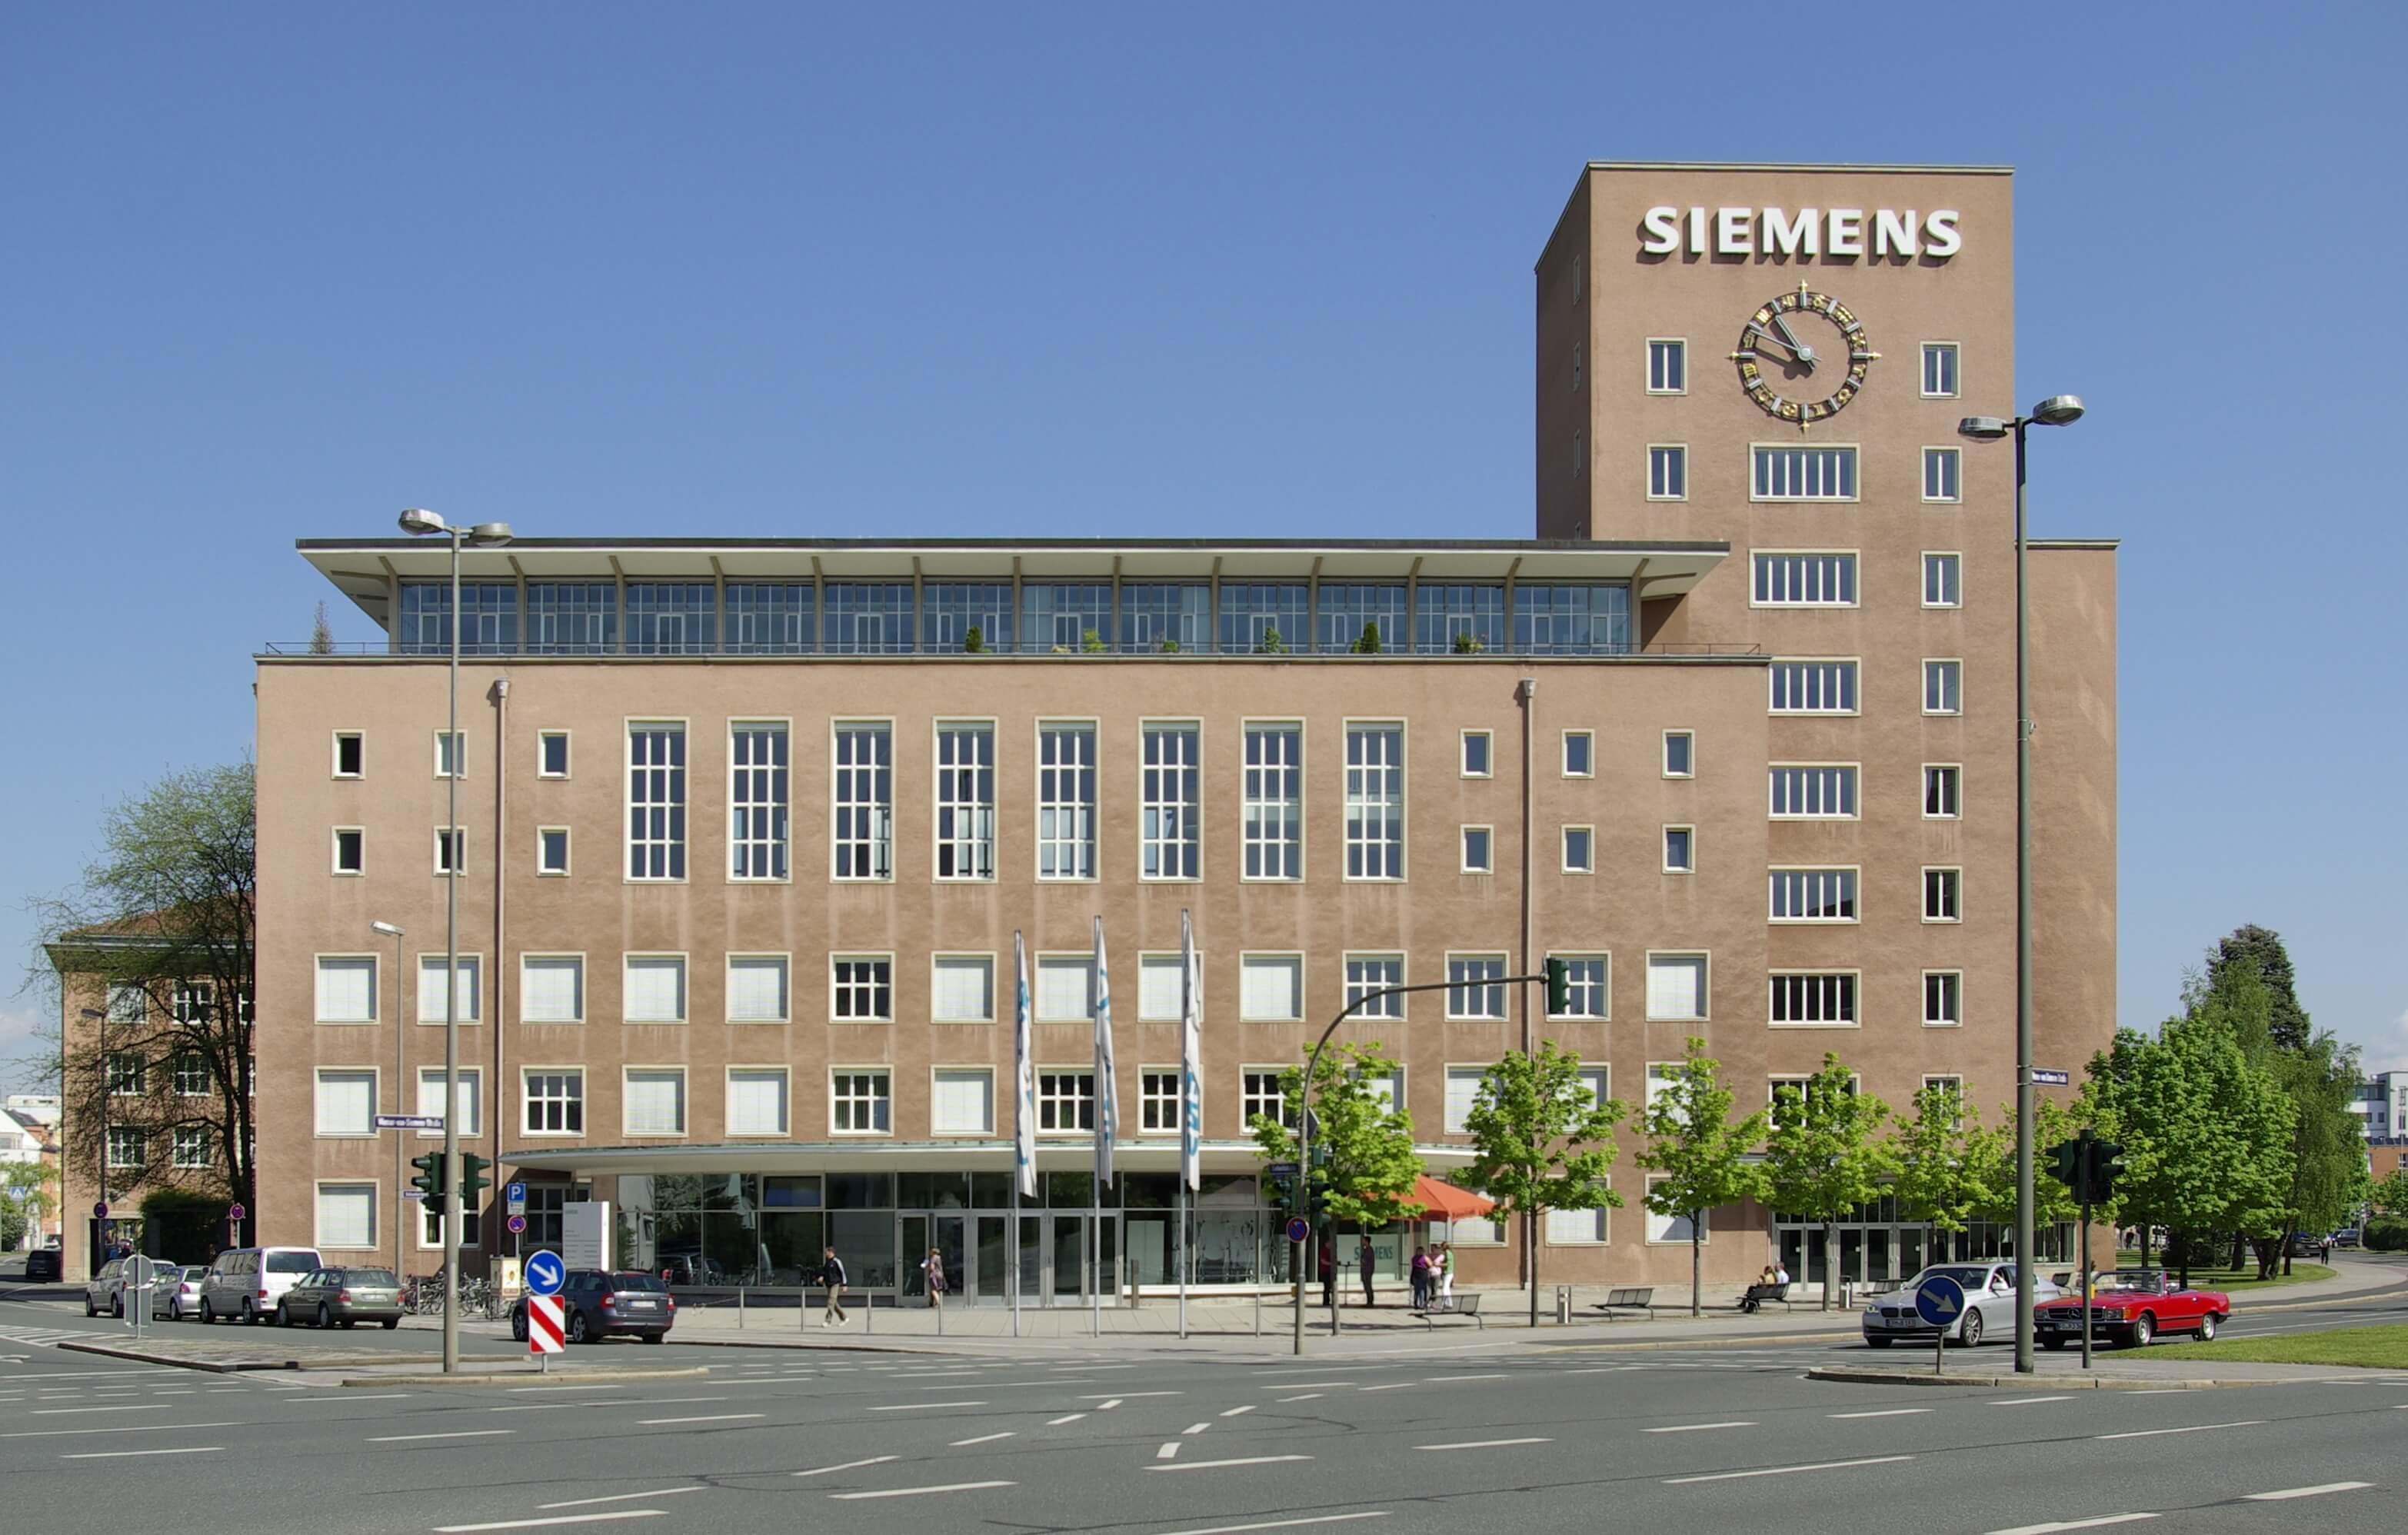 Spannung, wenn Joe Kaeser neue Siemens-Pläne ausbrütet